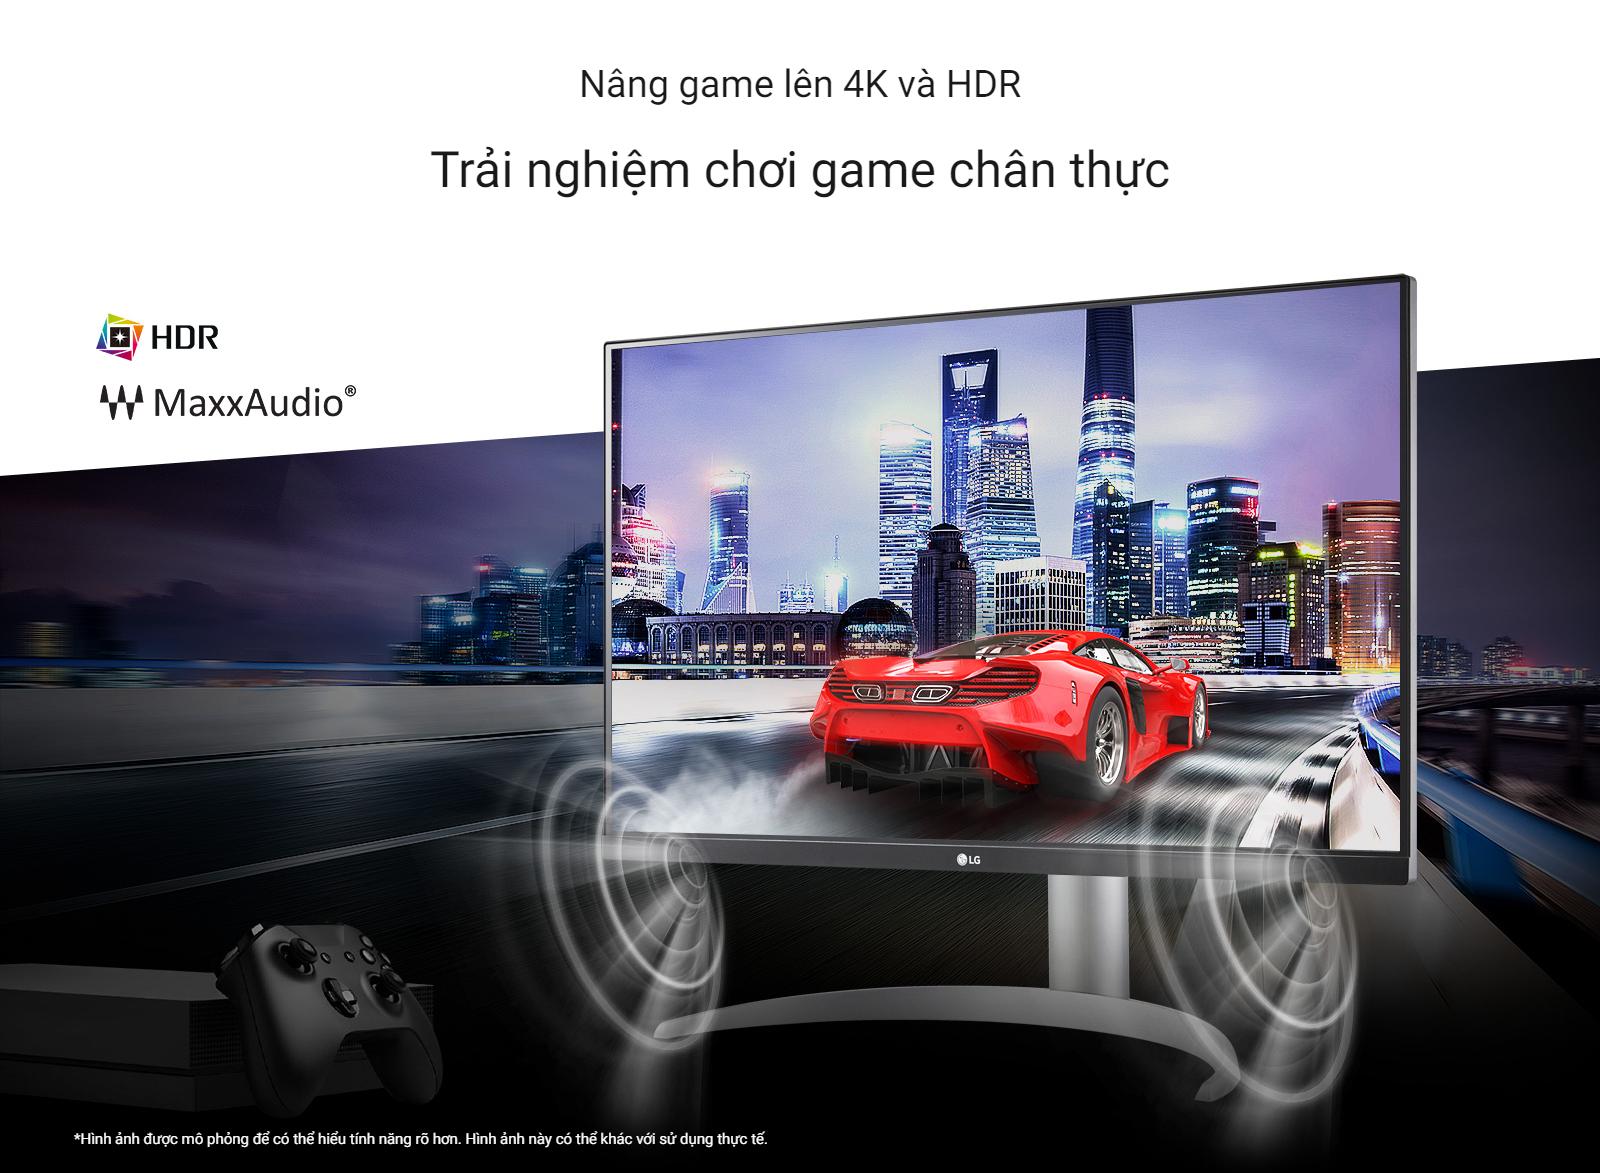 Trải nghiệm chơi game chân thực 4K và HDR